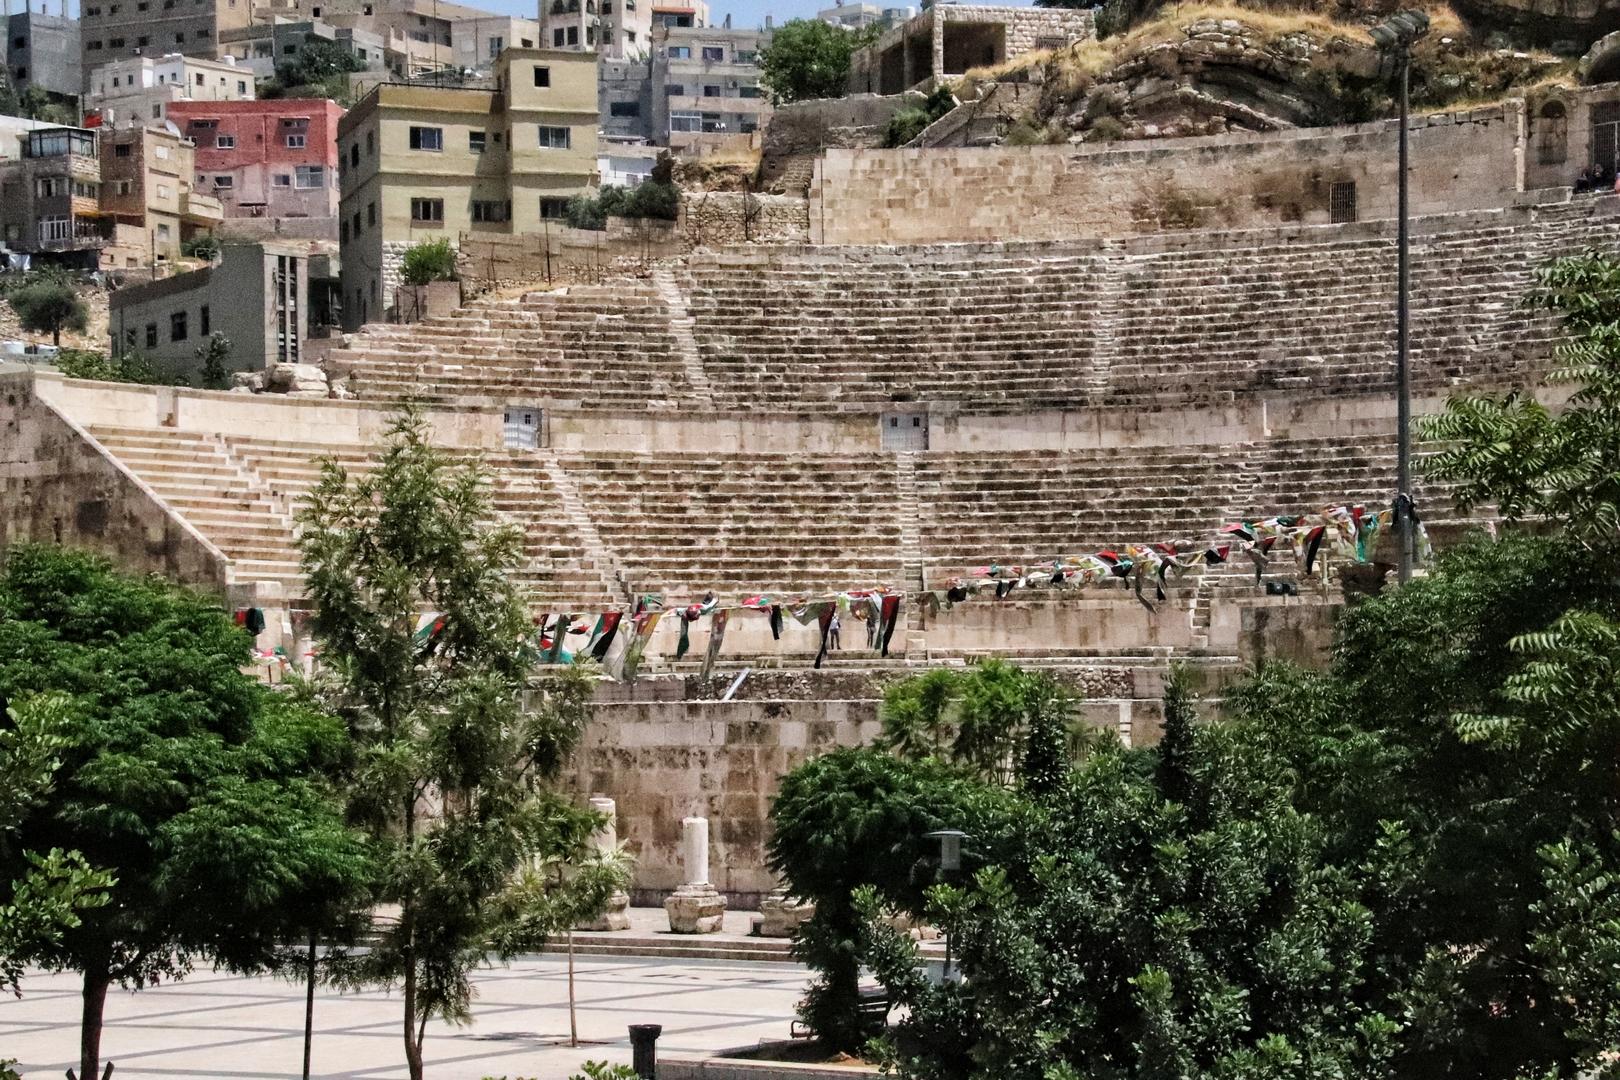 Jordanie - Amman et son théâtre romain